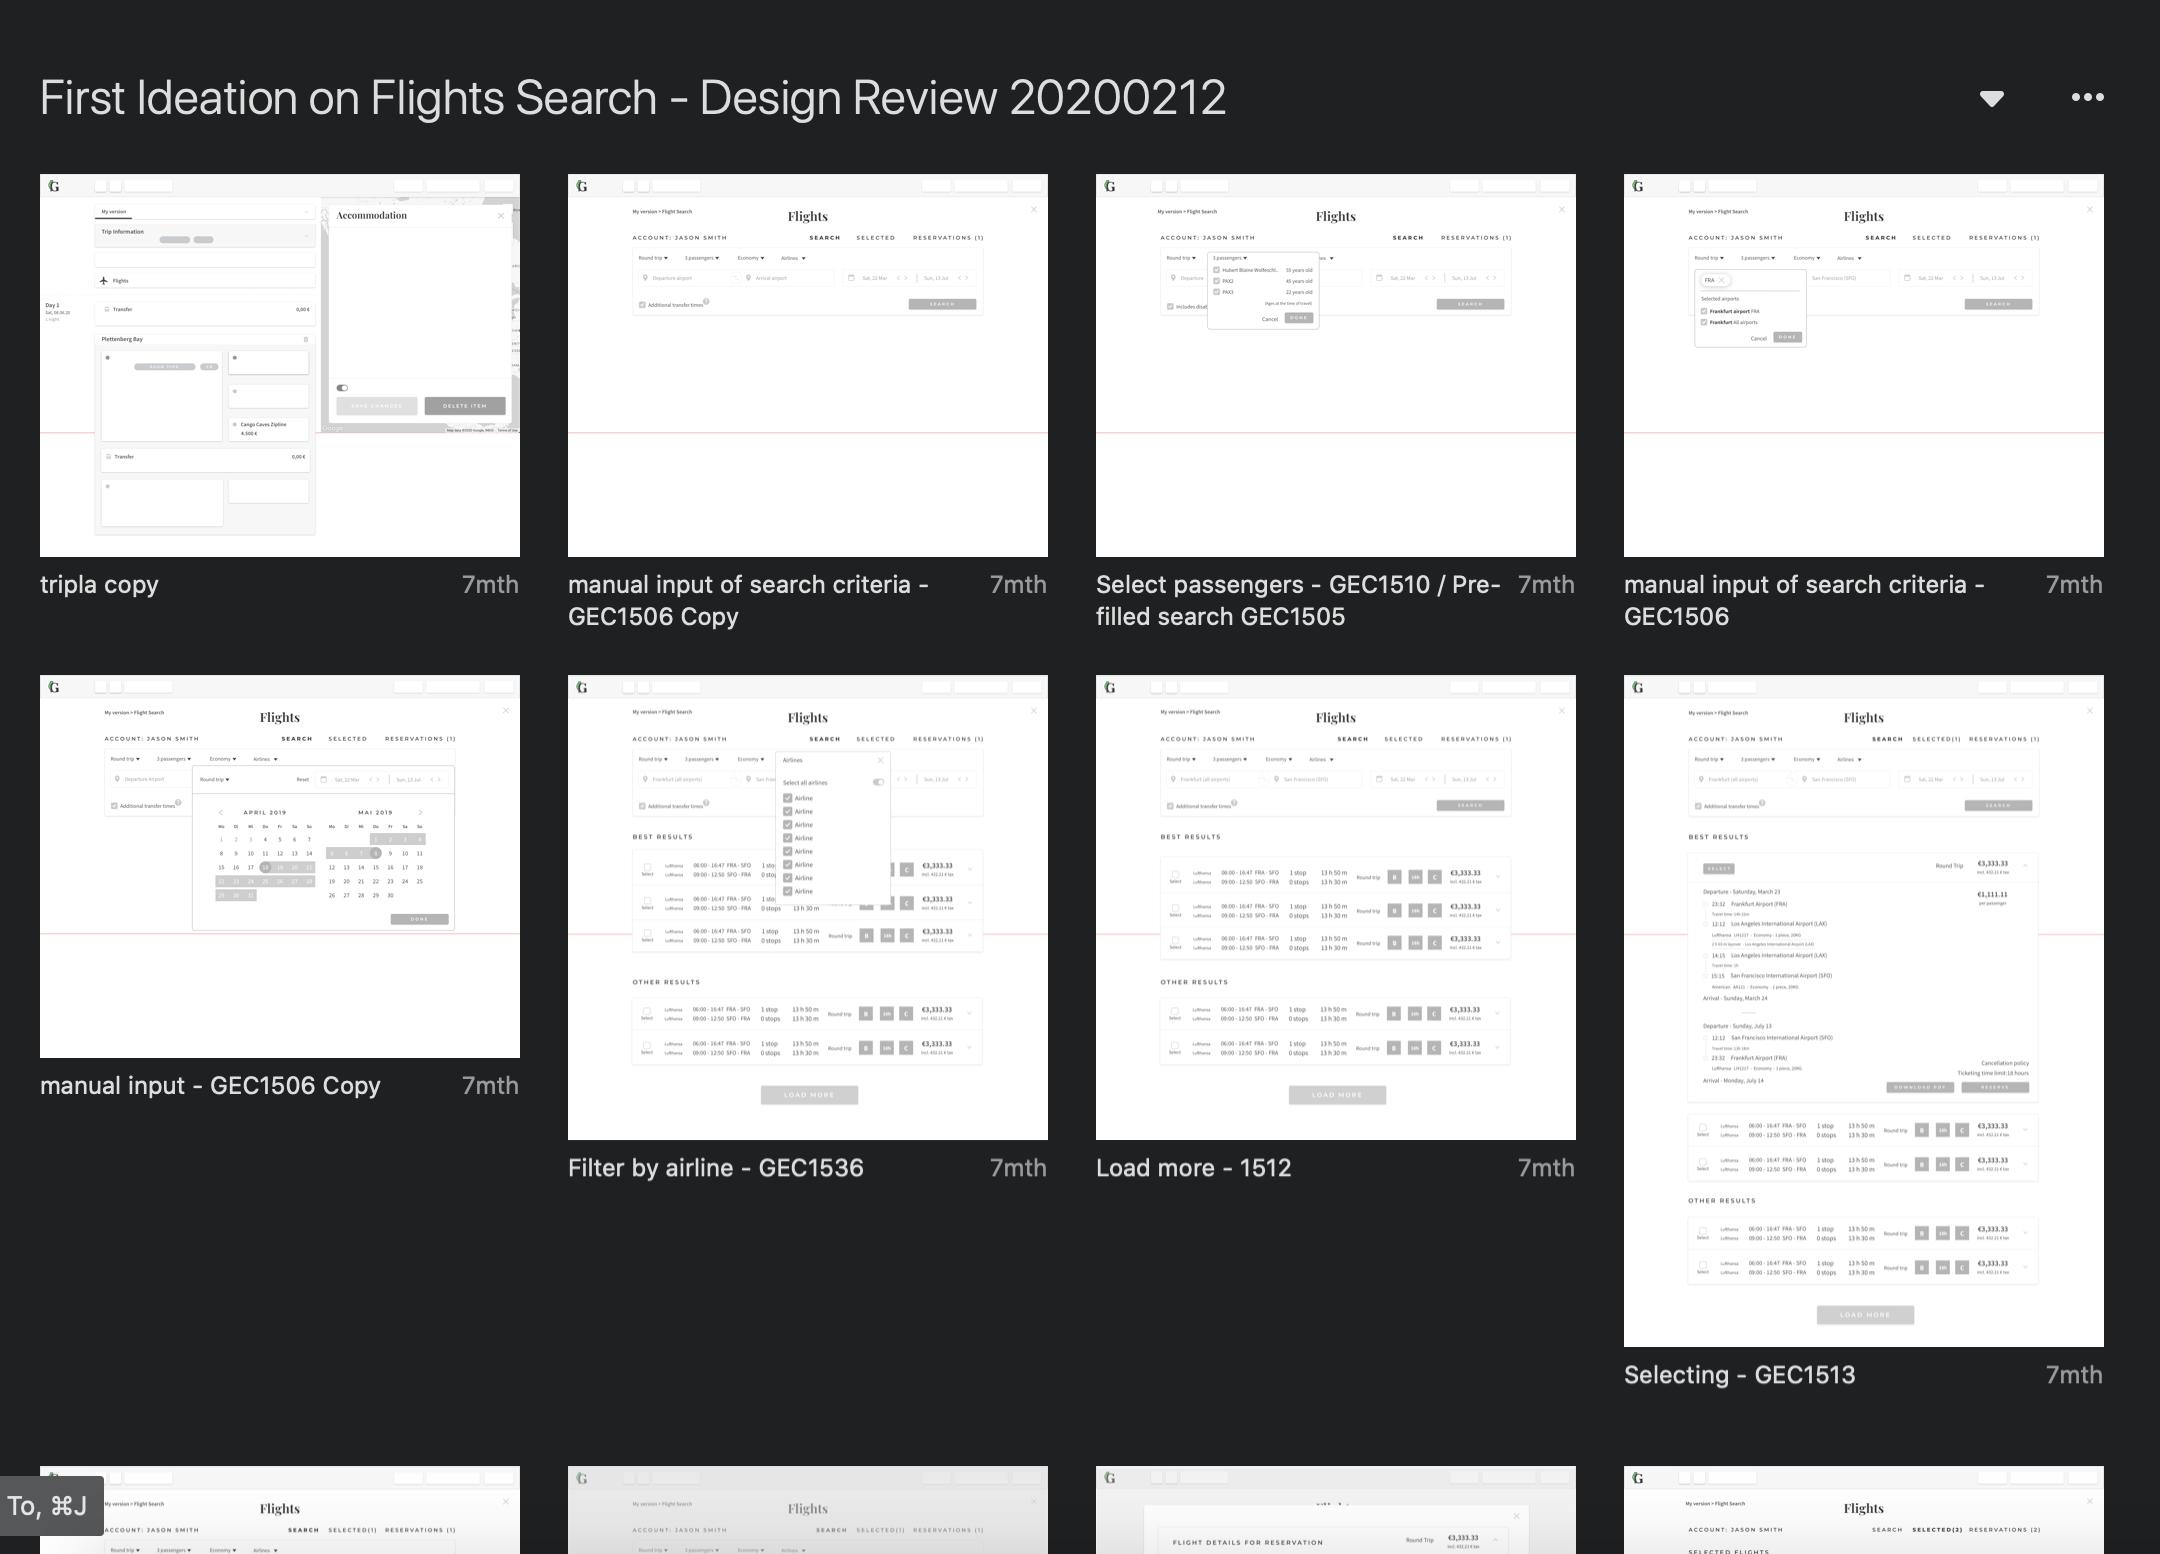 Screenshot 2020-09-16 at 14.48.29.png